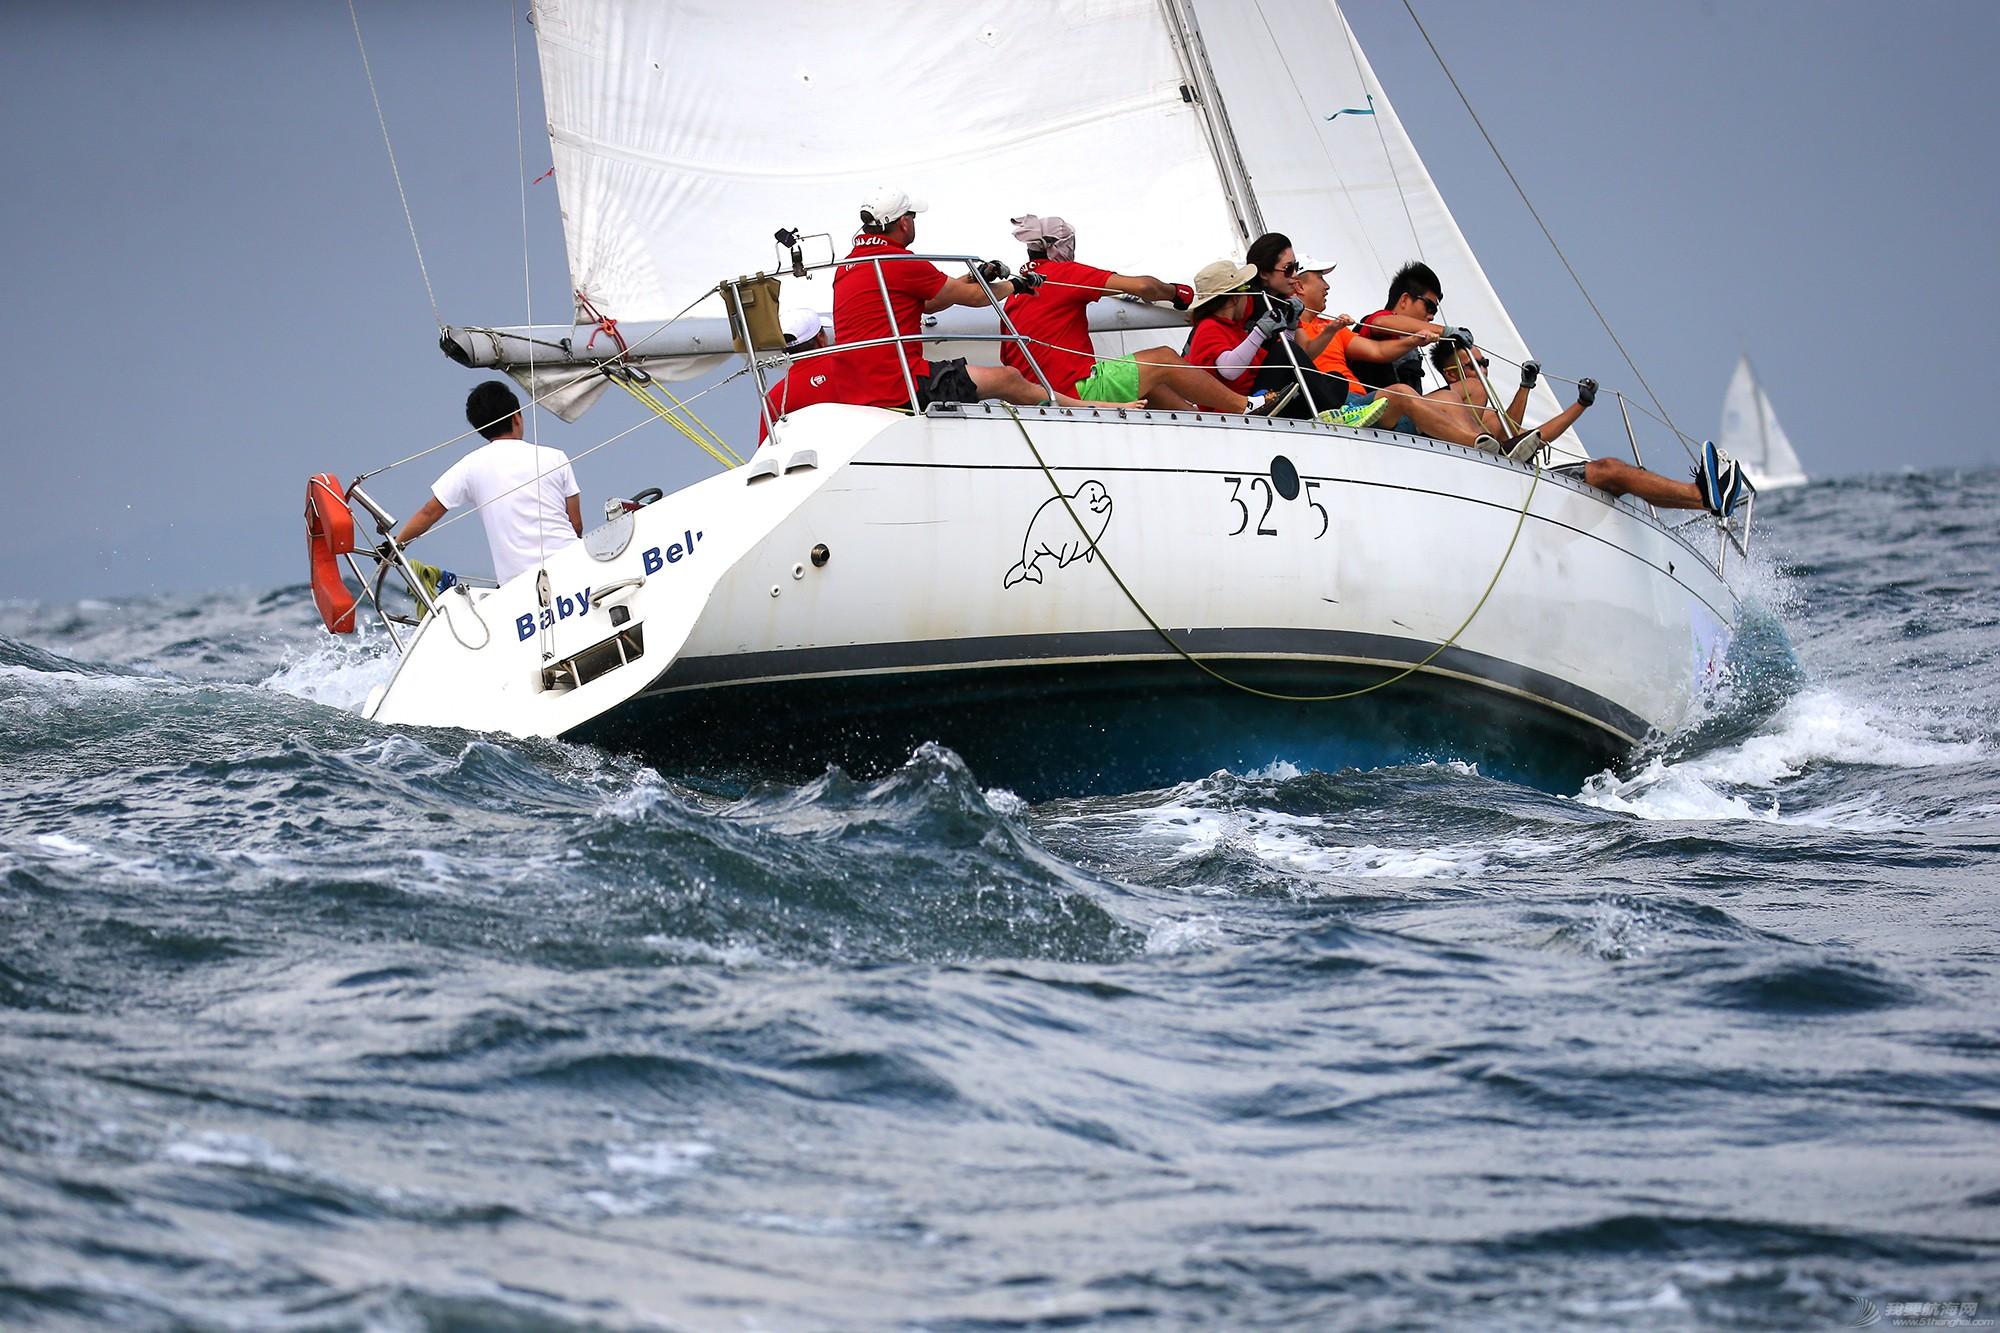 中国 中国杯帆船赛第三日——无风不起浪,雨中见刀枪 E78W7632.JPG